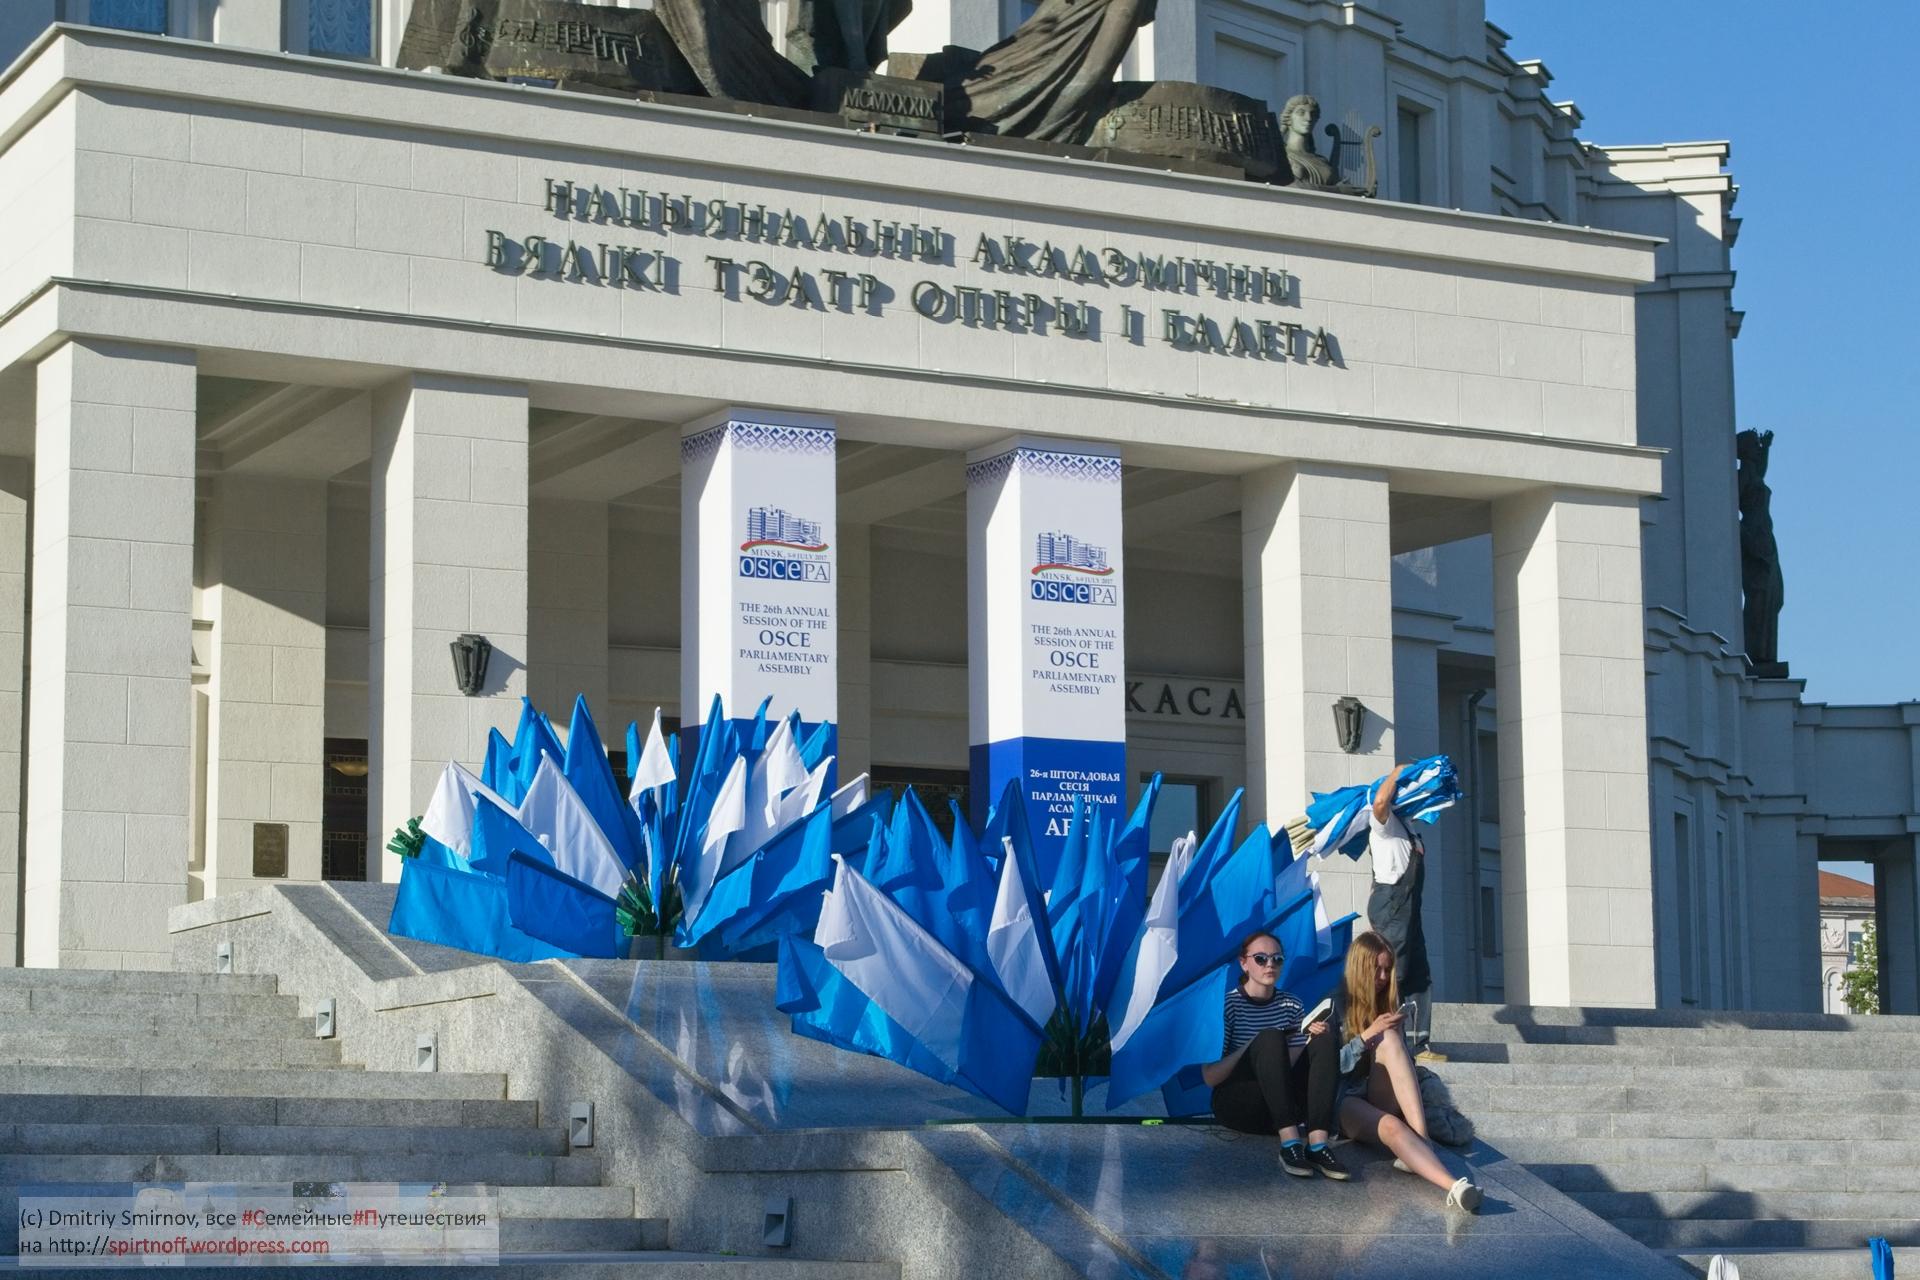 DSC_6710-Blog-3 Путешествия  Минск, Большой театр, сквер Марата Казея, сквер Янки Купалы, проспект Независимости